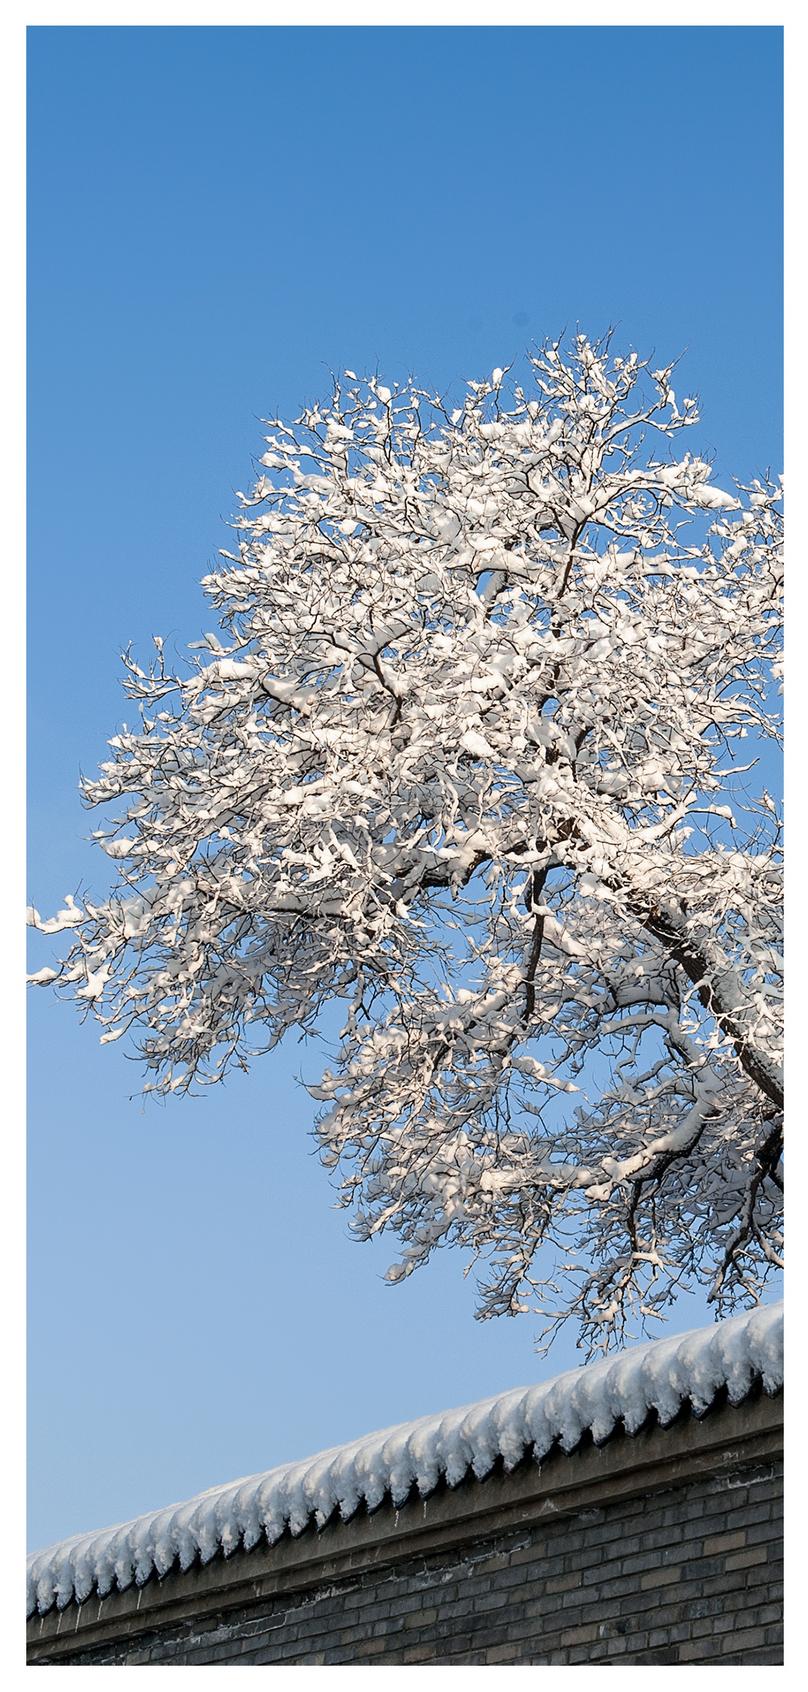 wallpaper salju pemandangan musim dingin gambar unduh gratis_